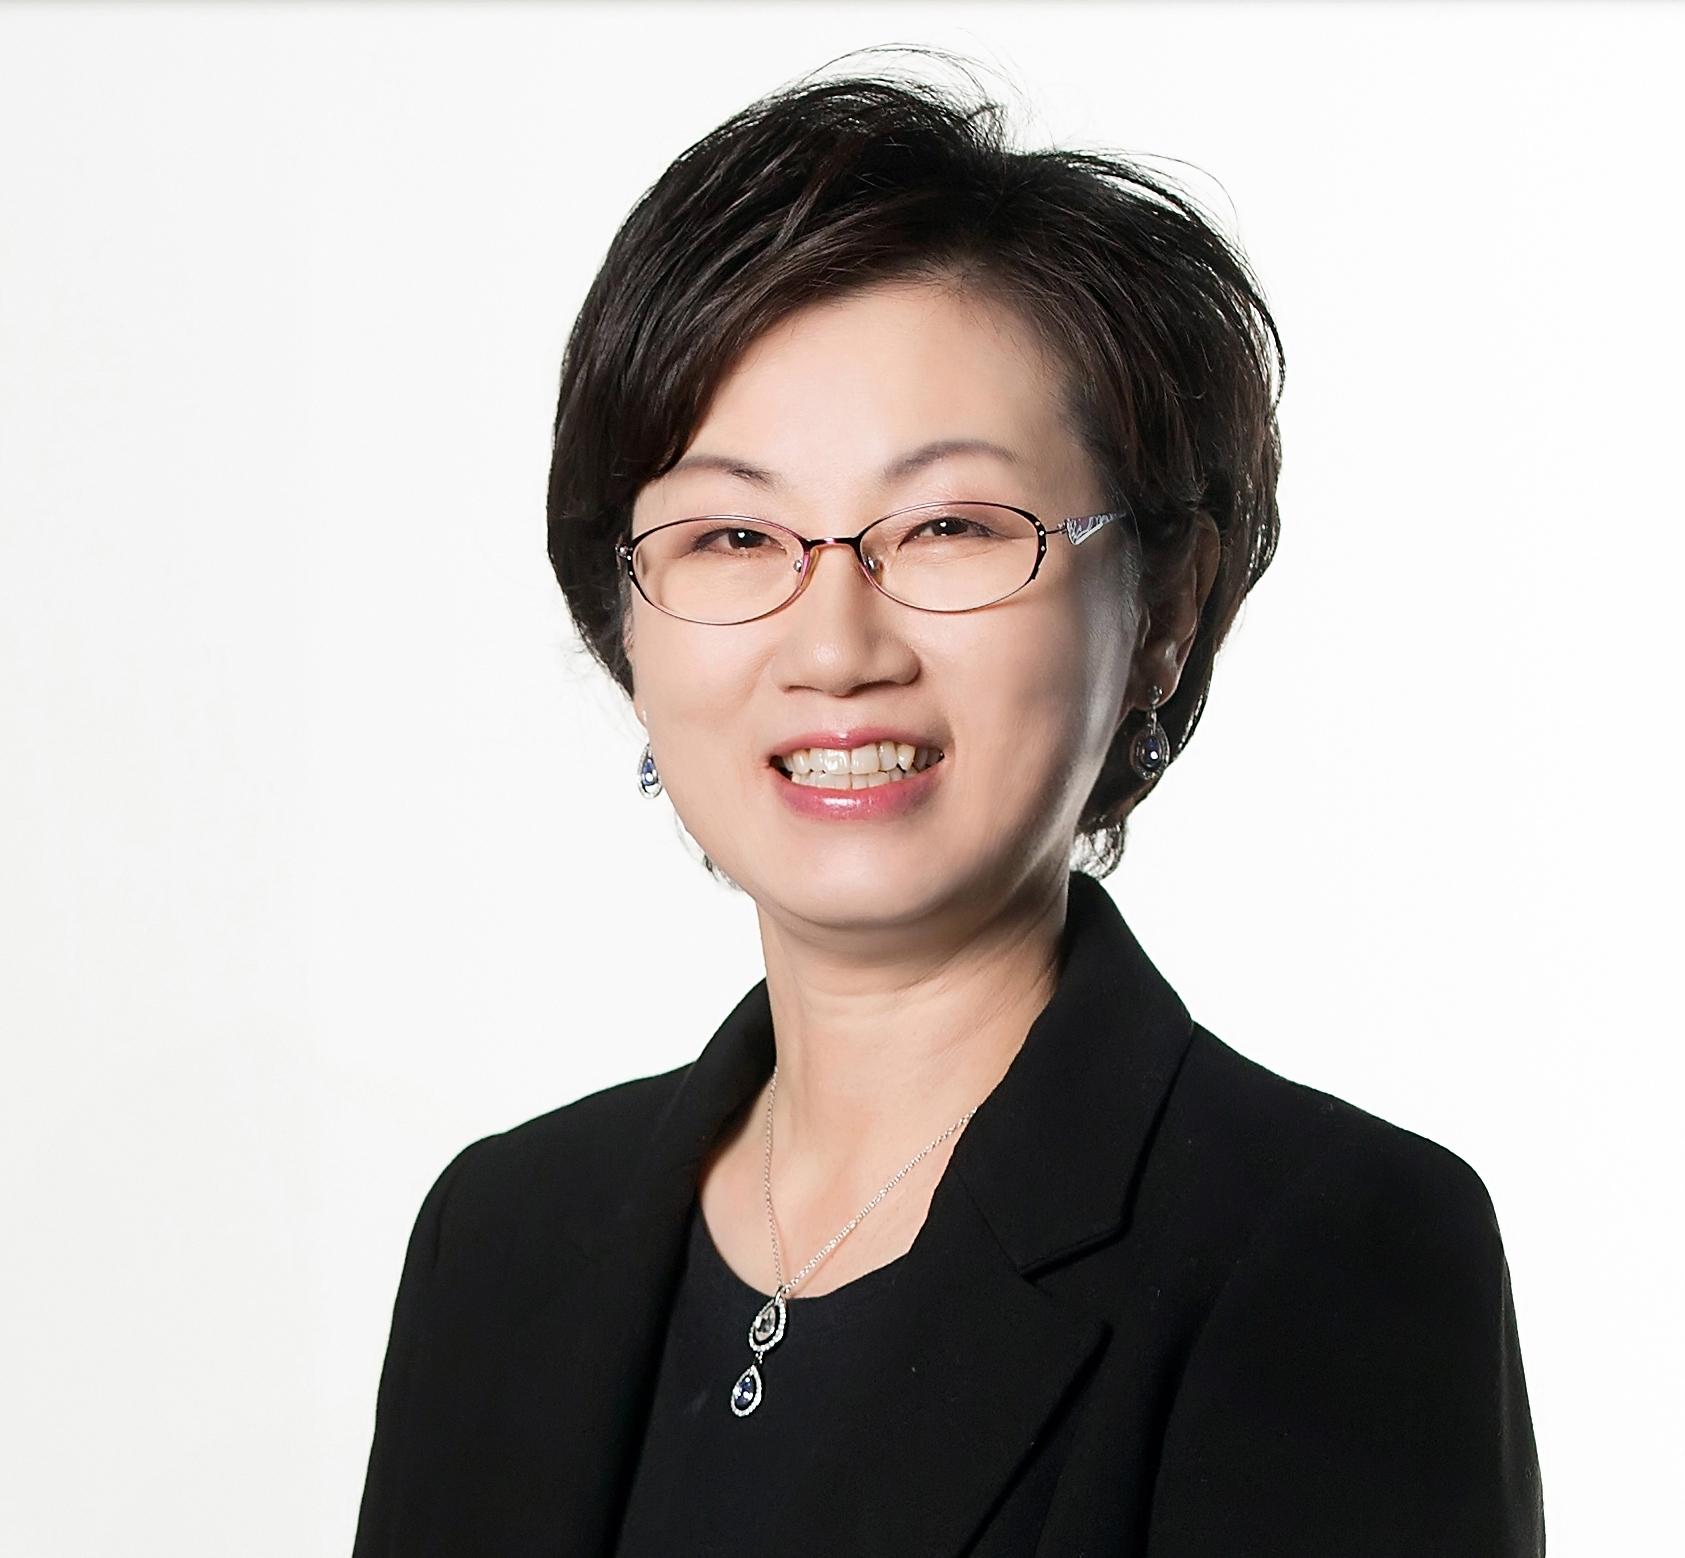 전혜숙 프로필 사진